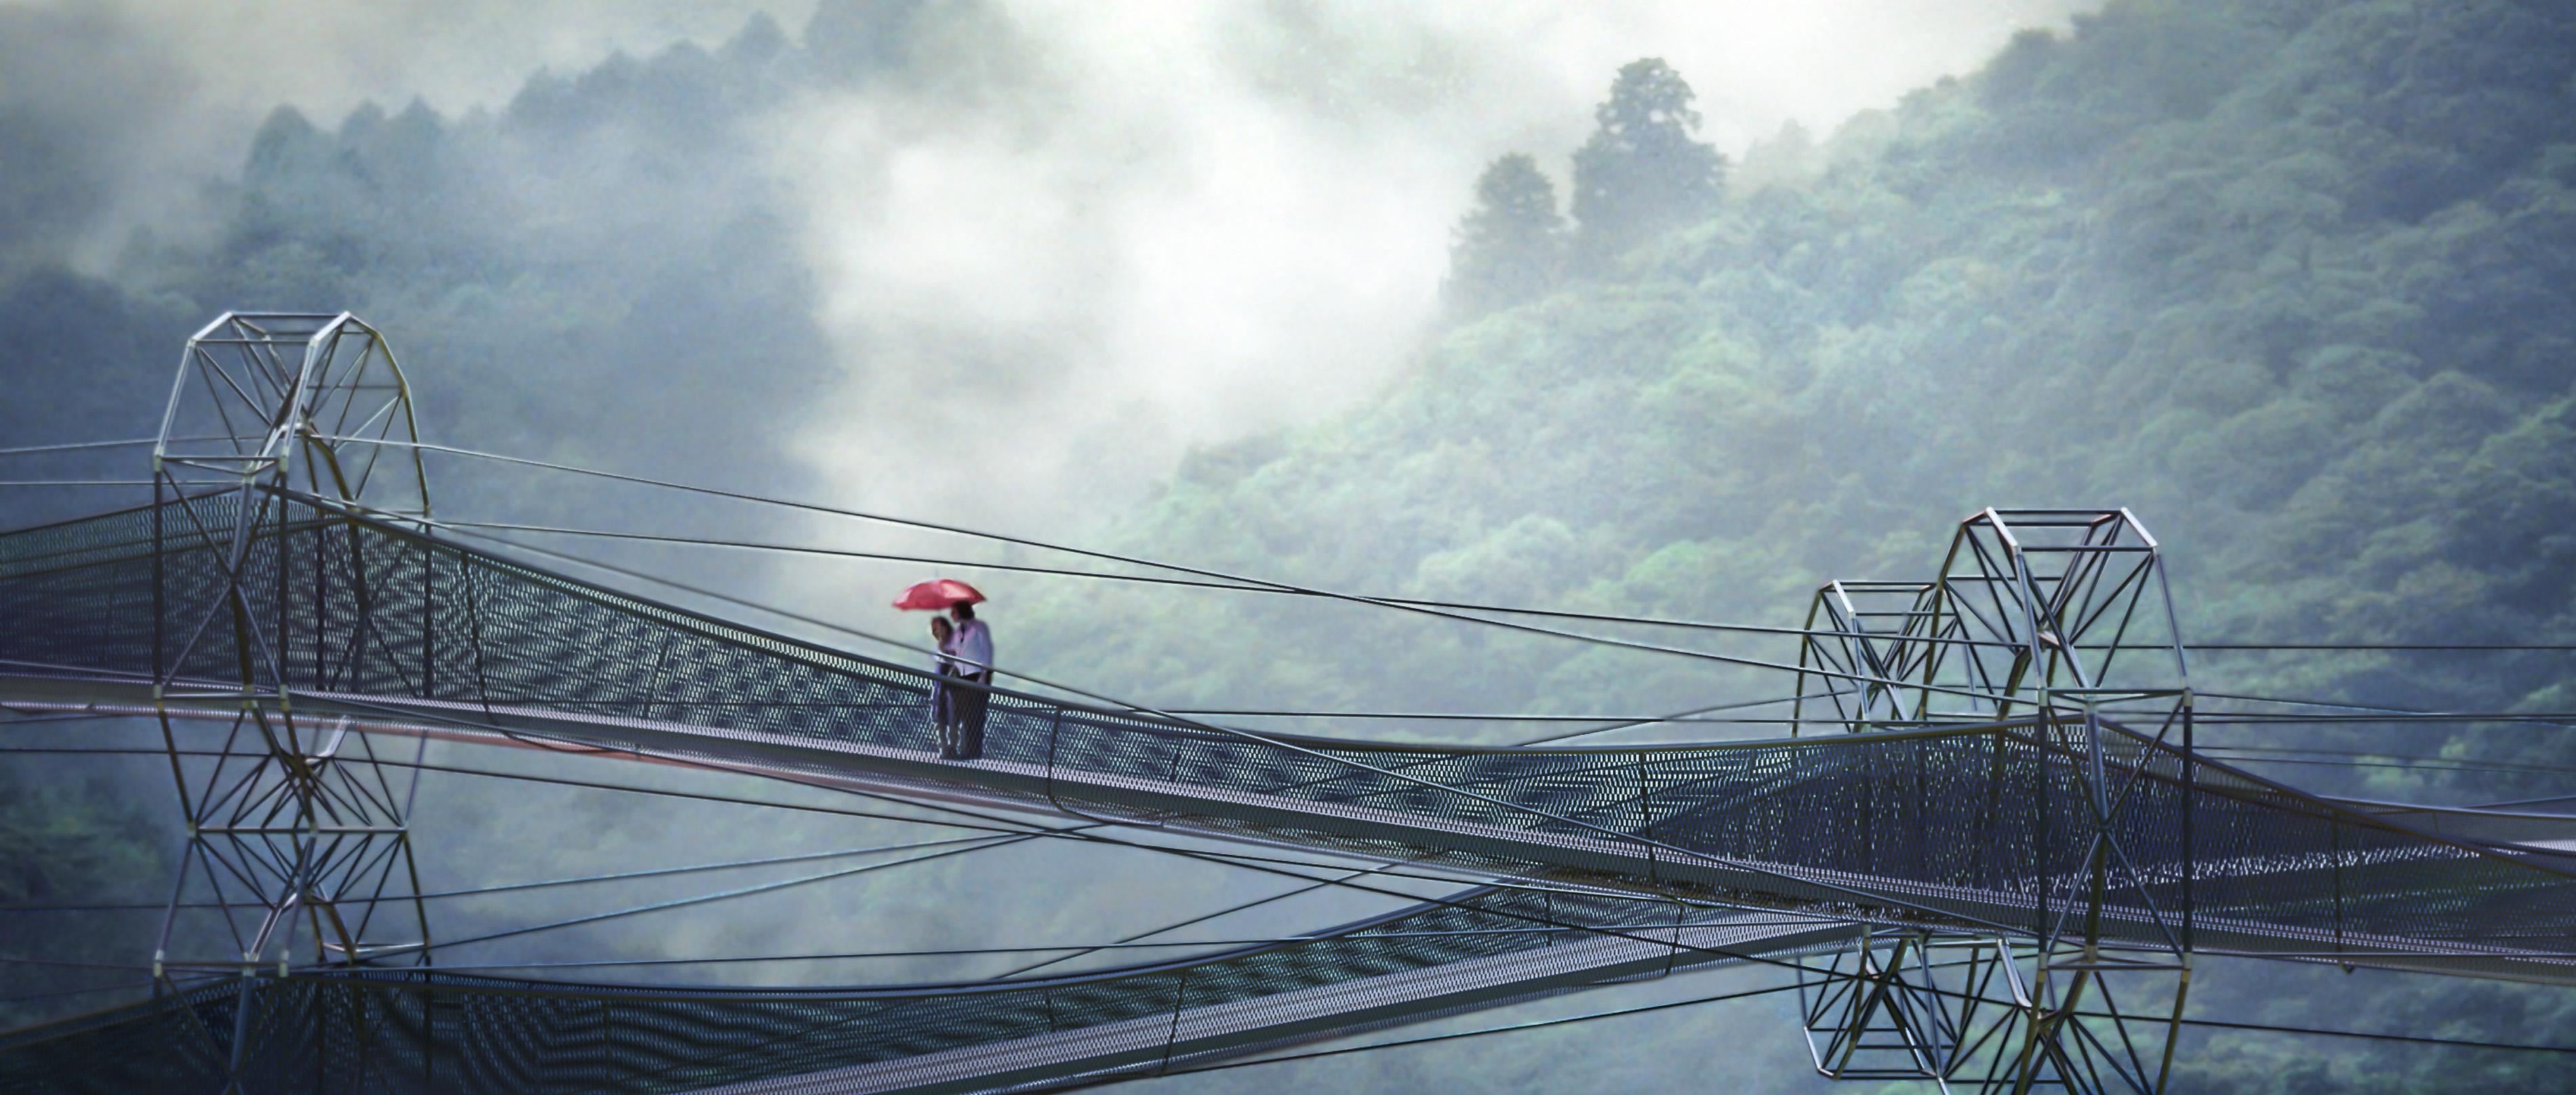 Tensile Bridges